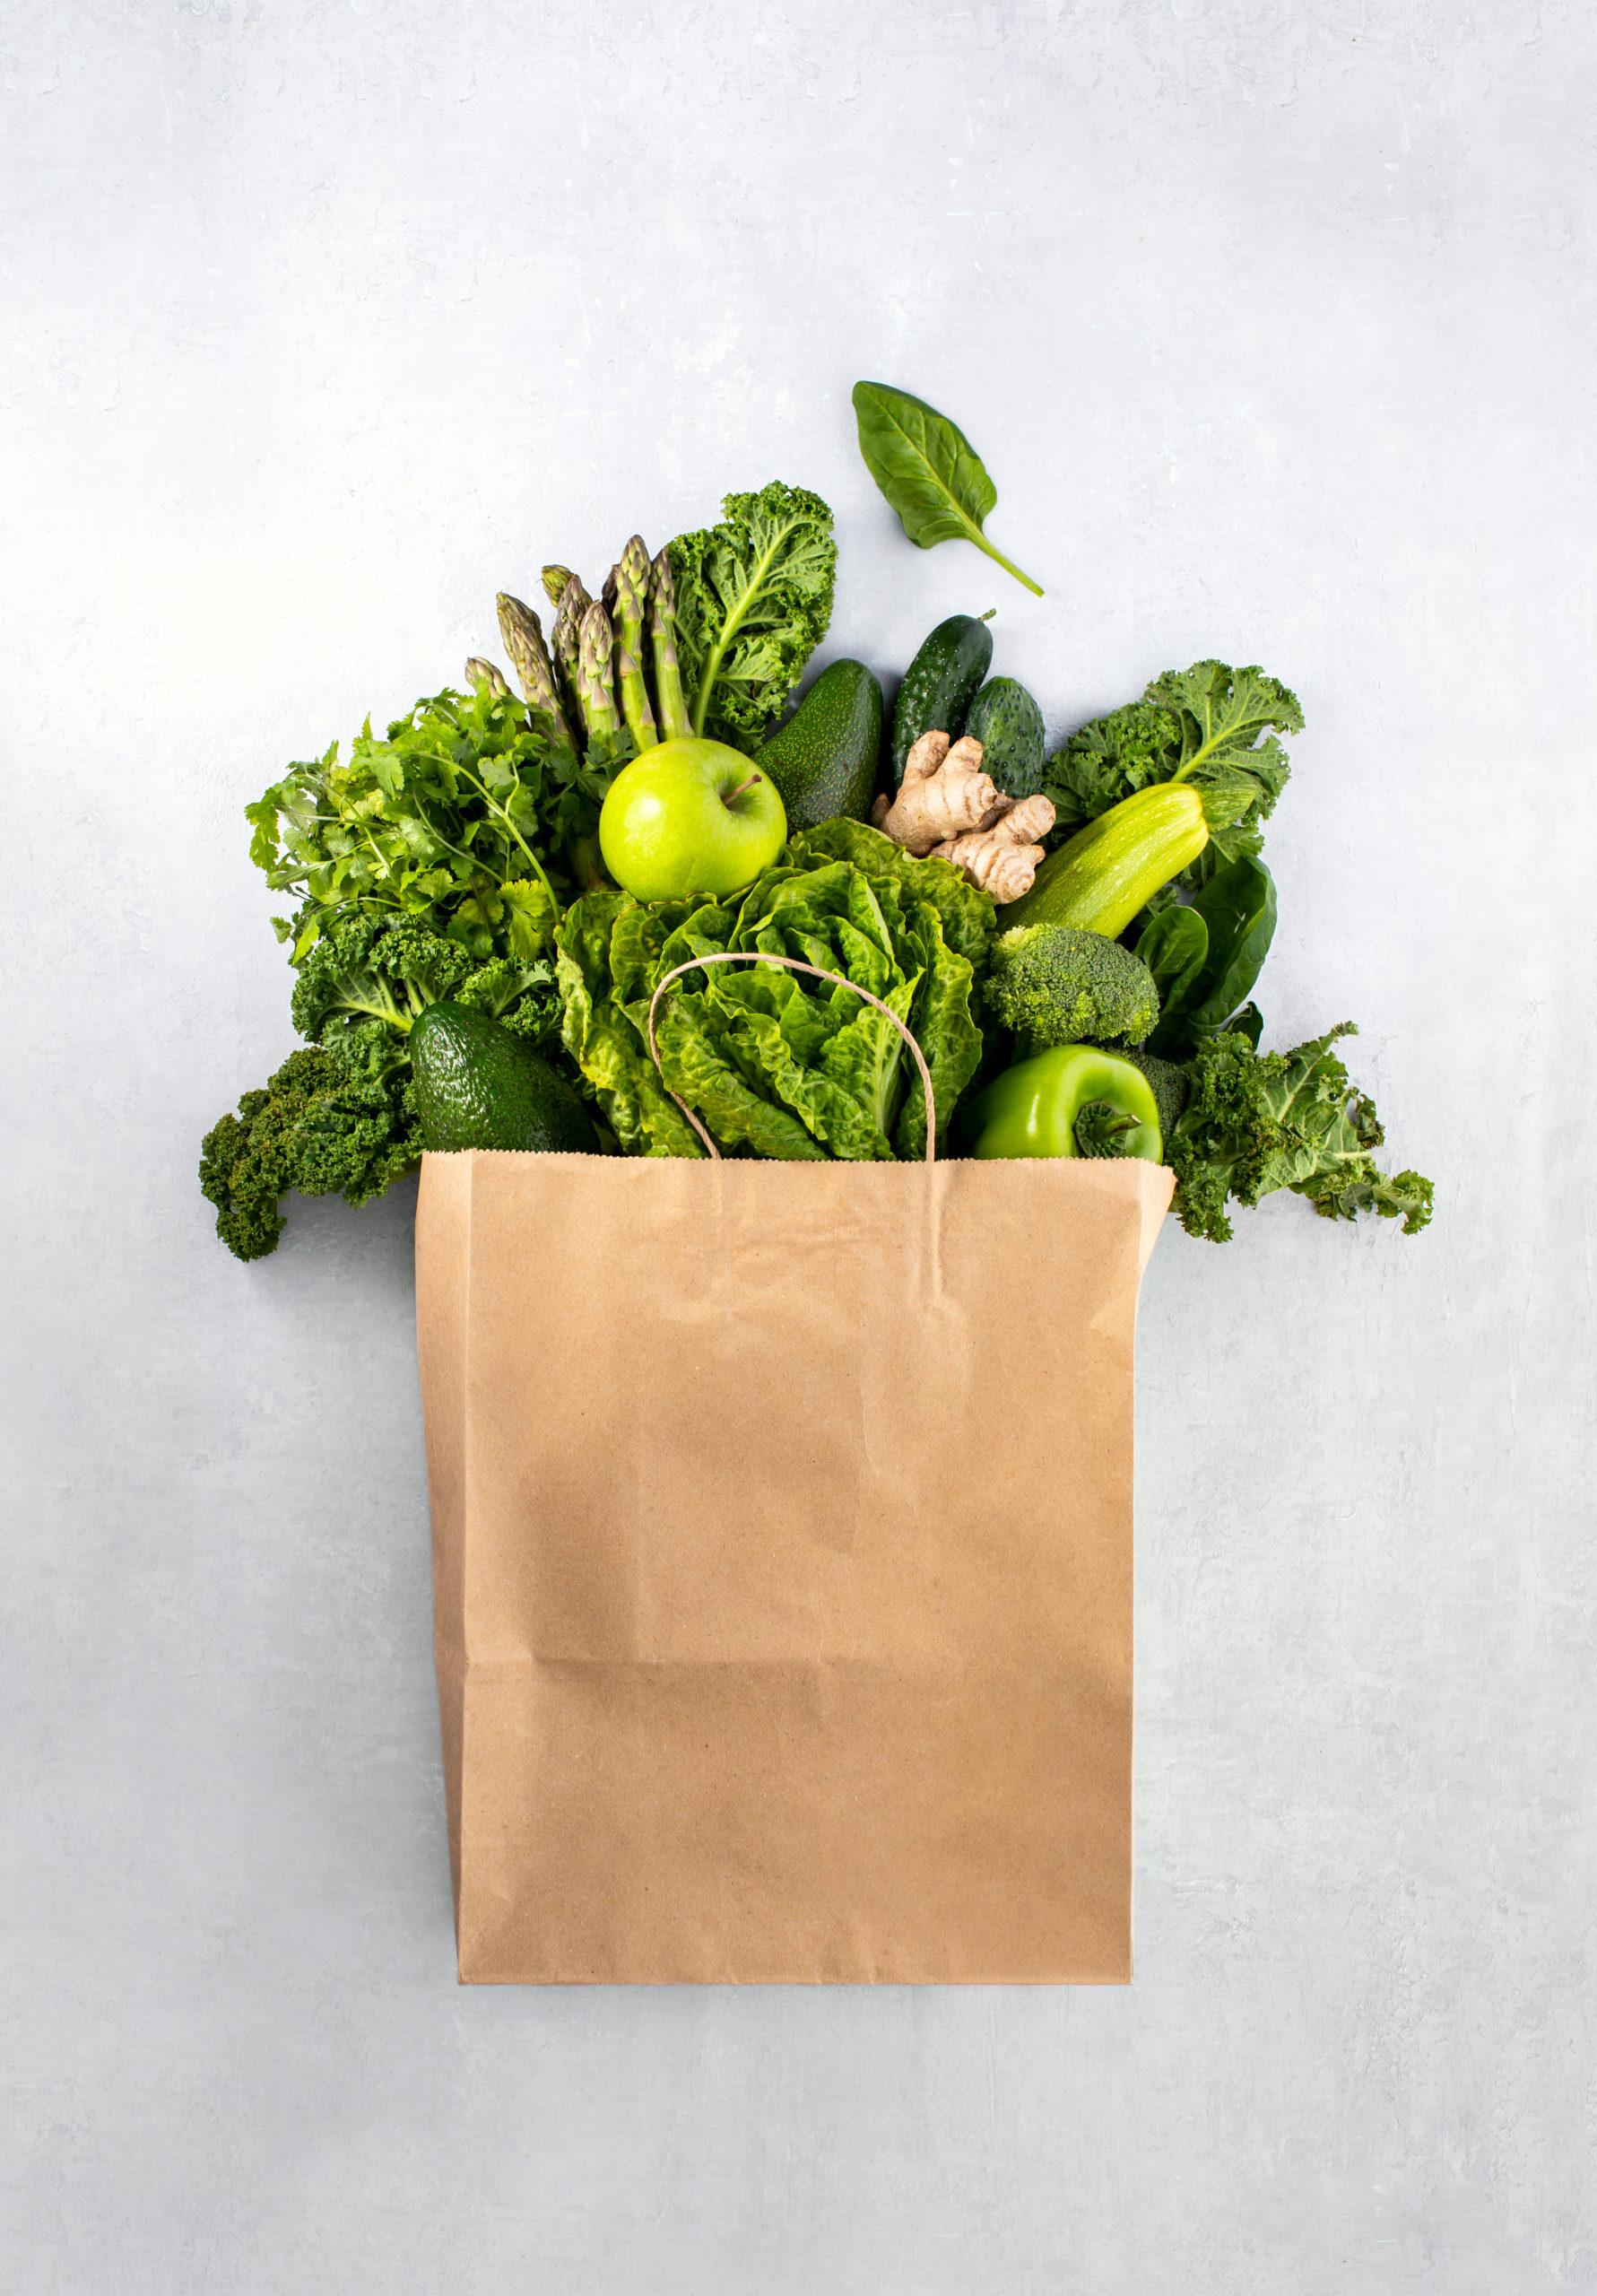 Le tue scelte alimentari influiscono sulla salute del pianeta: ecco cosa fare per aiutarlo!